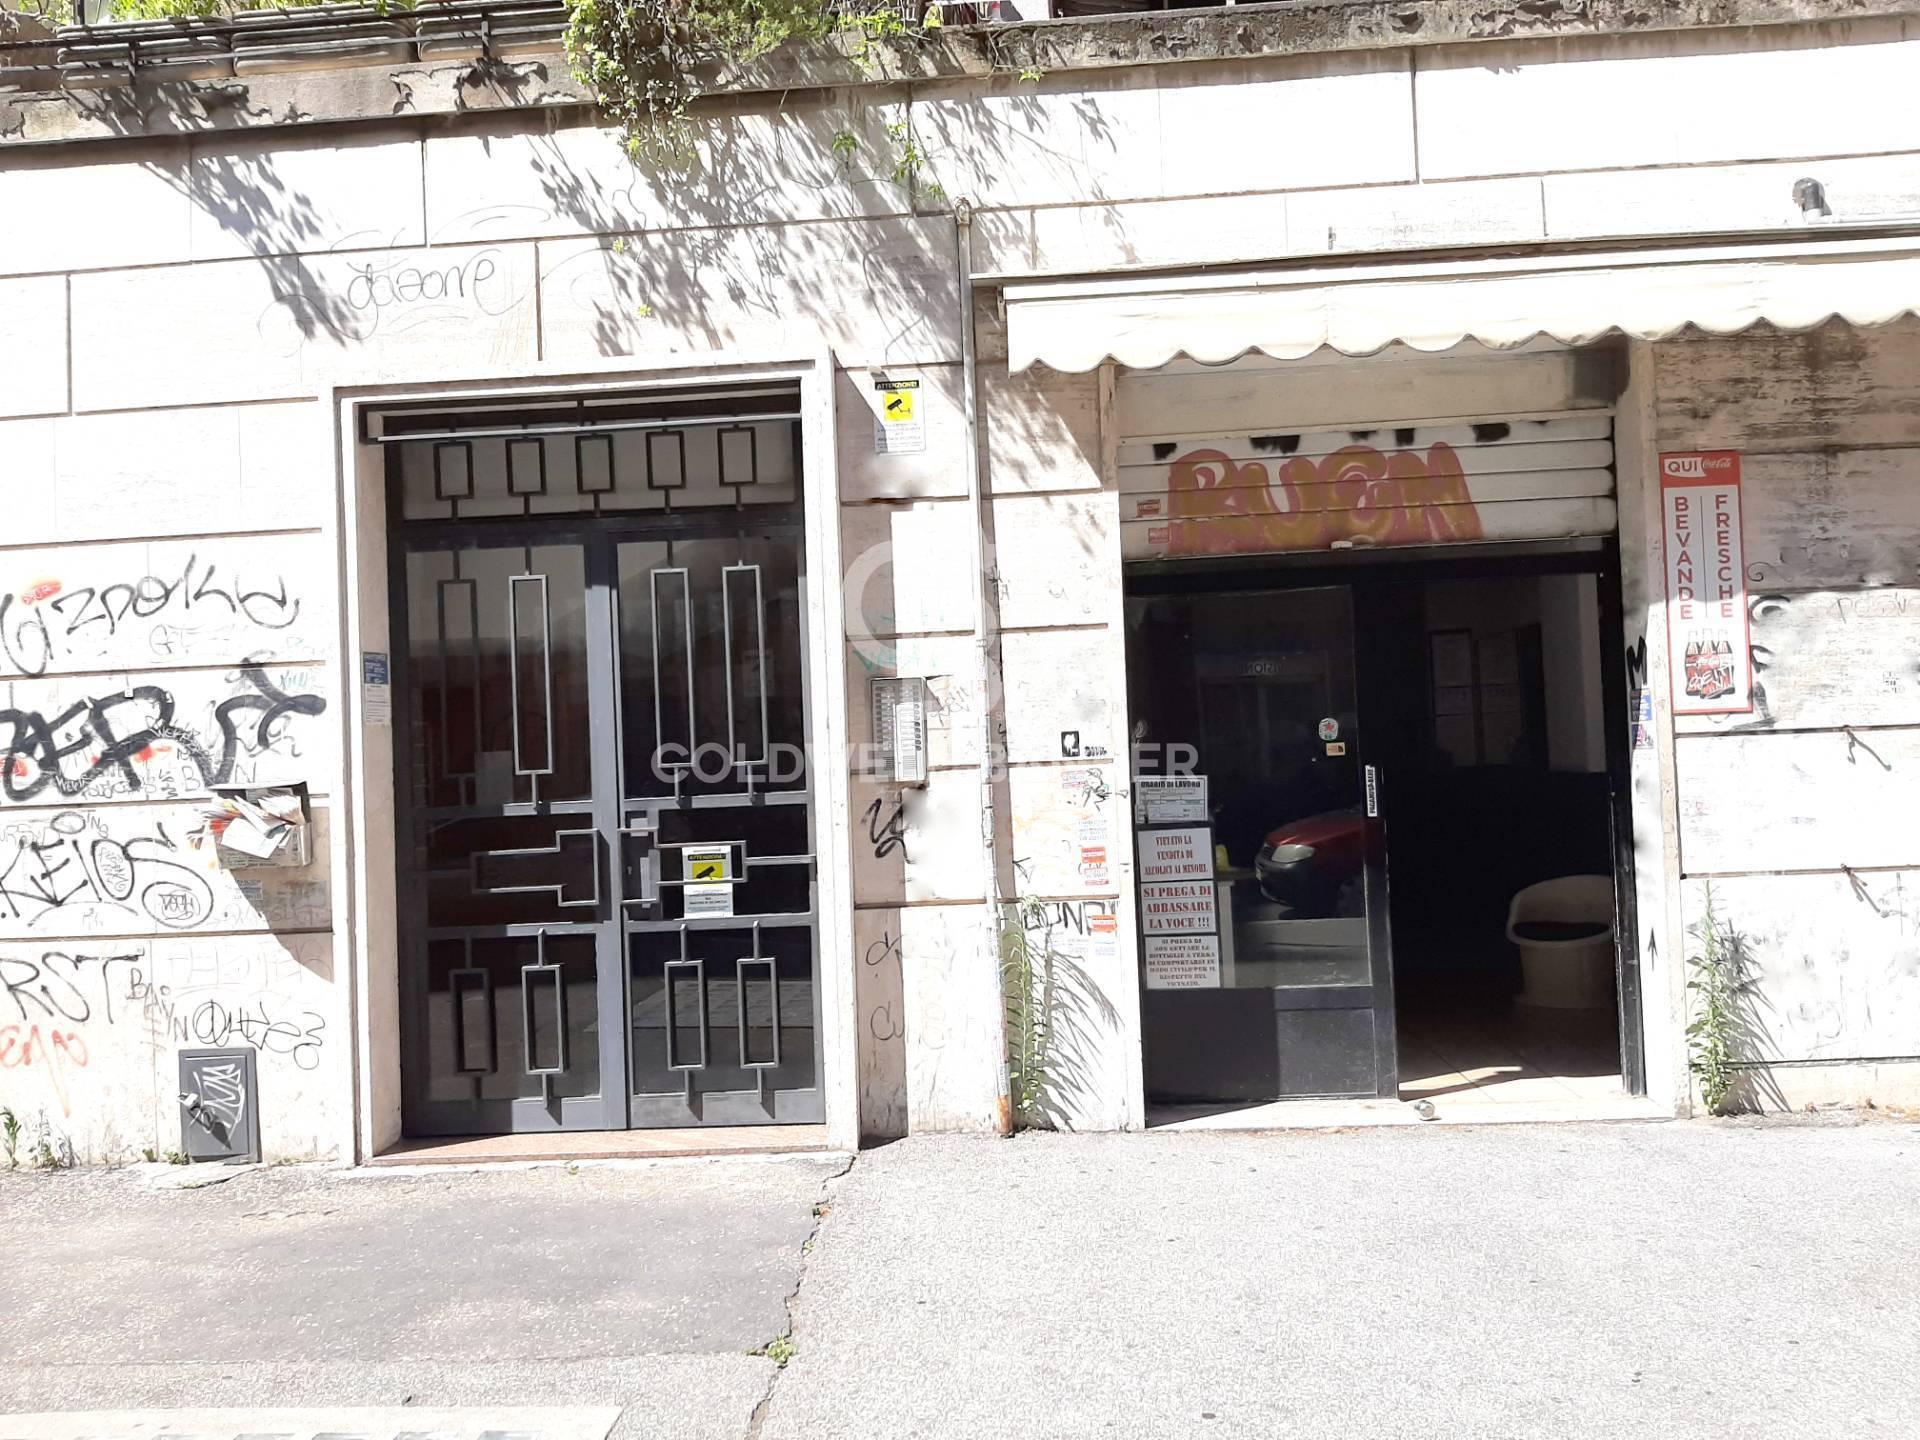 NEGOZIO in Affitto a San Paolo, Roma (ROMA)